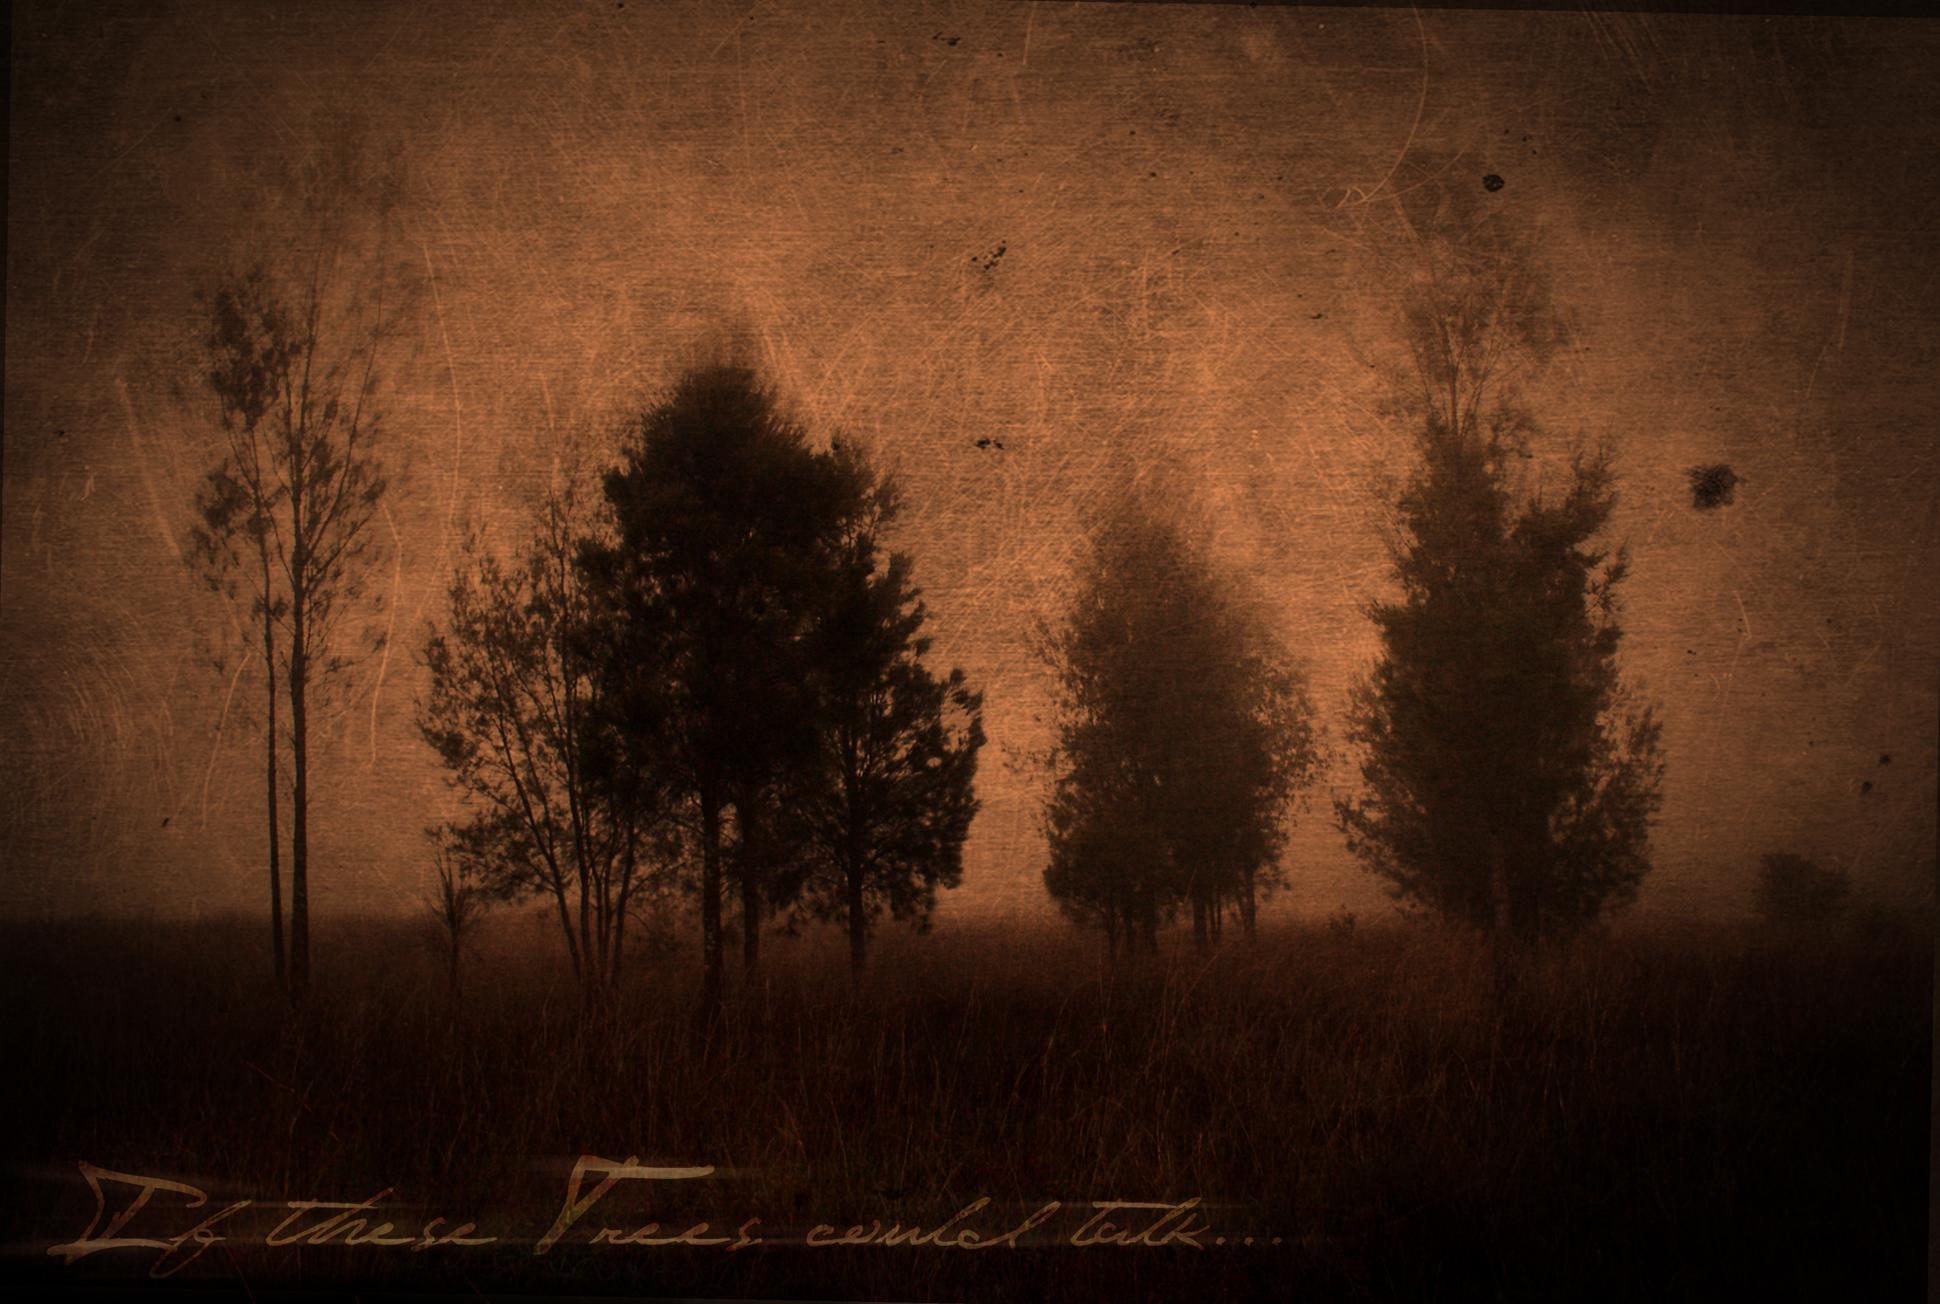 If_these_Trees_could_talk____by_DaishoKatana.jpg